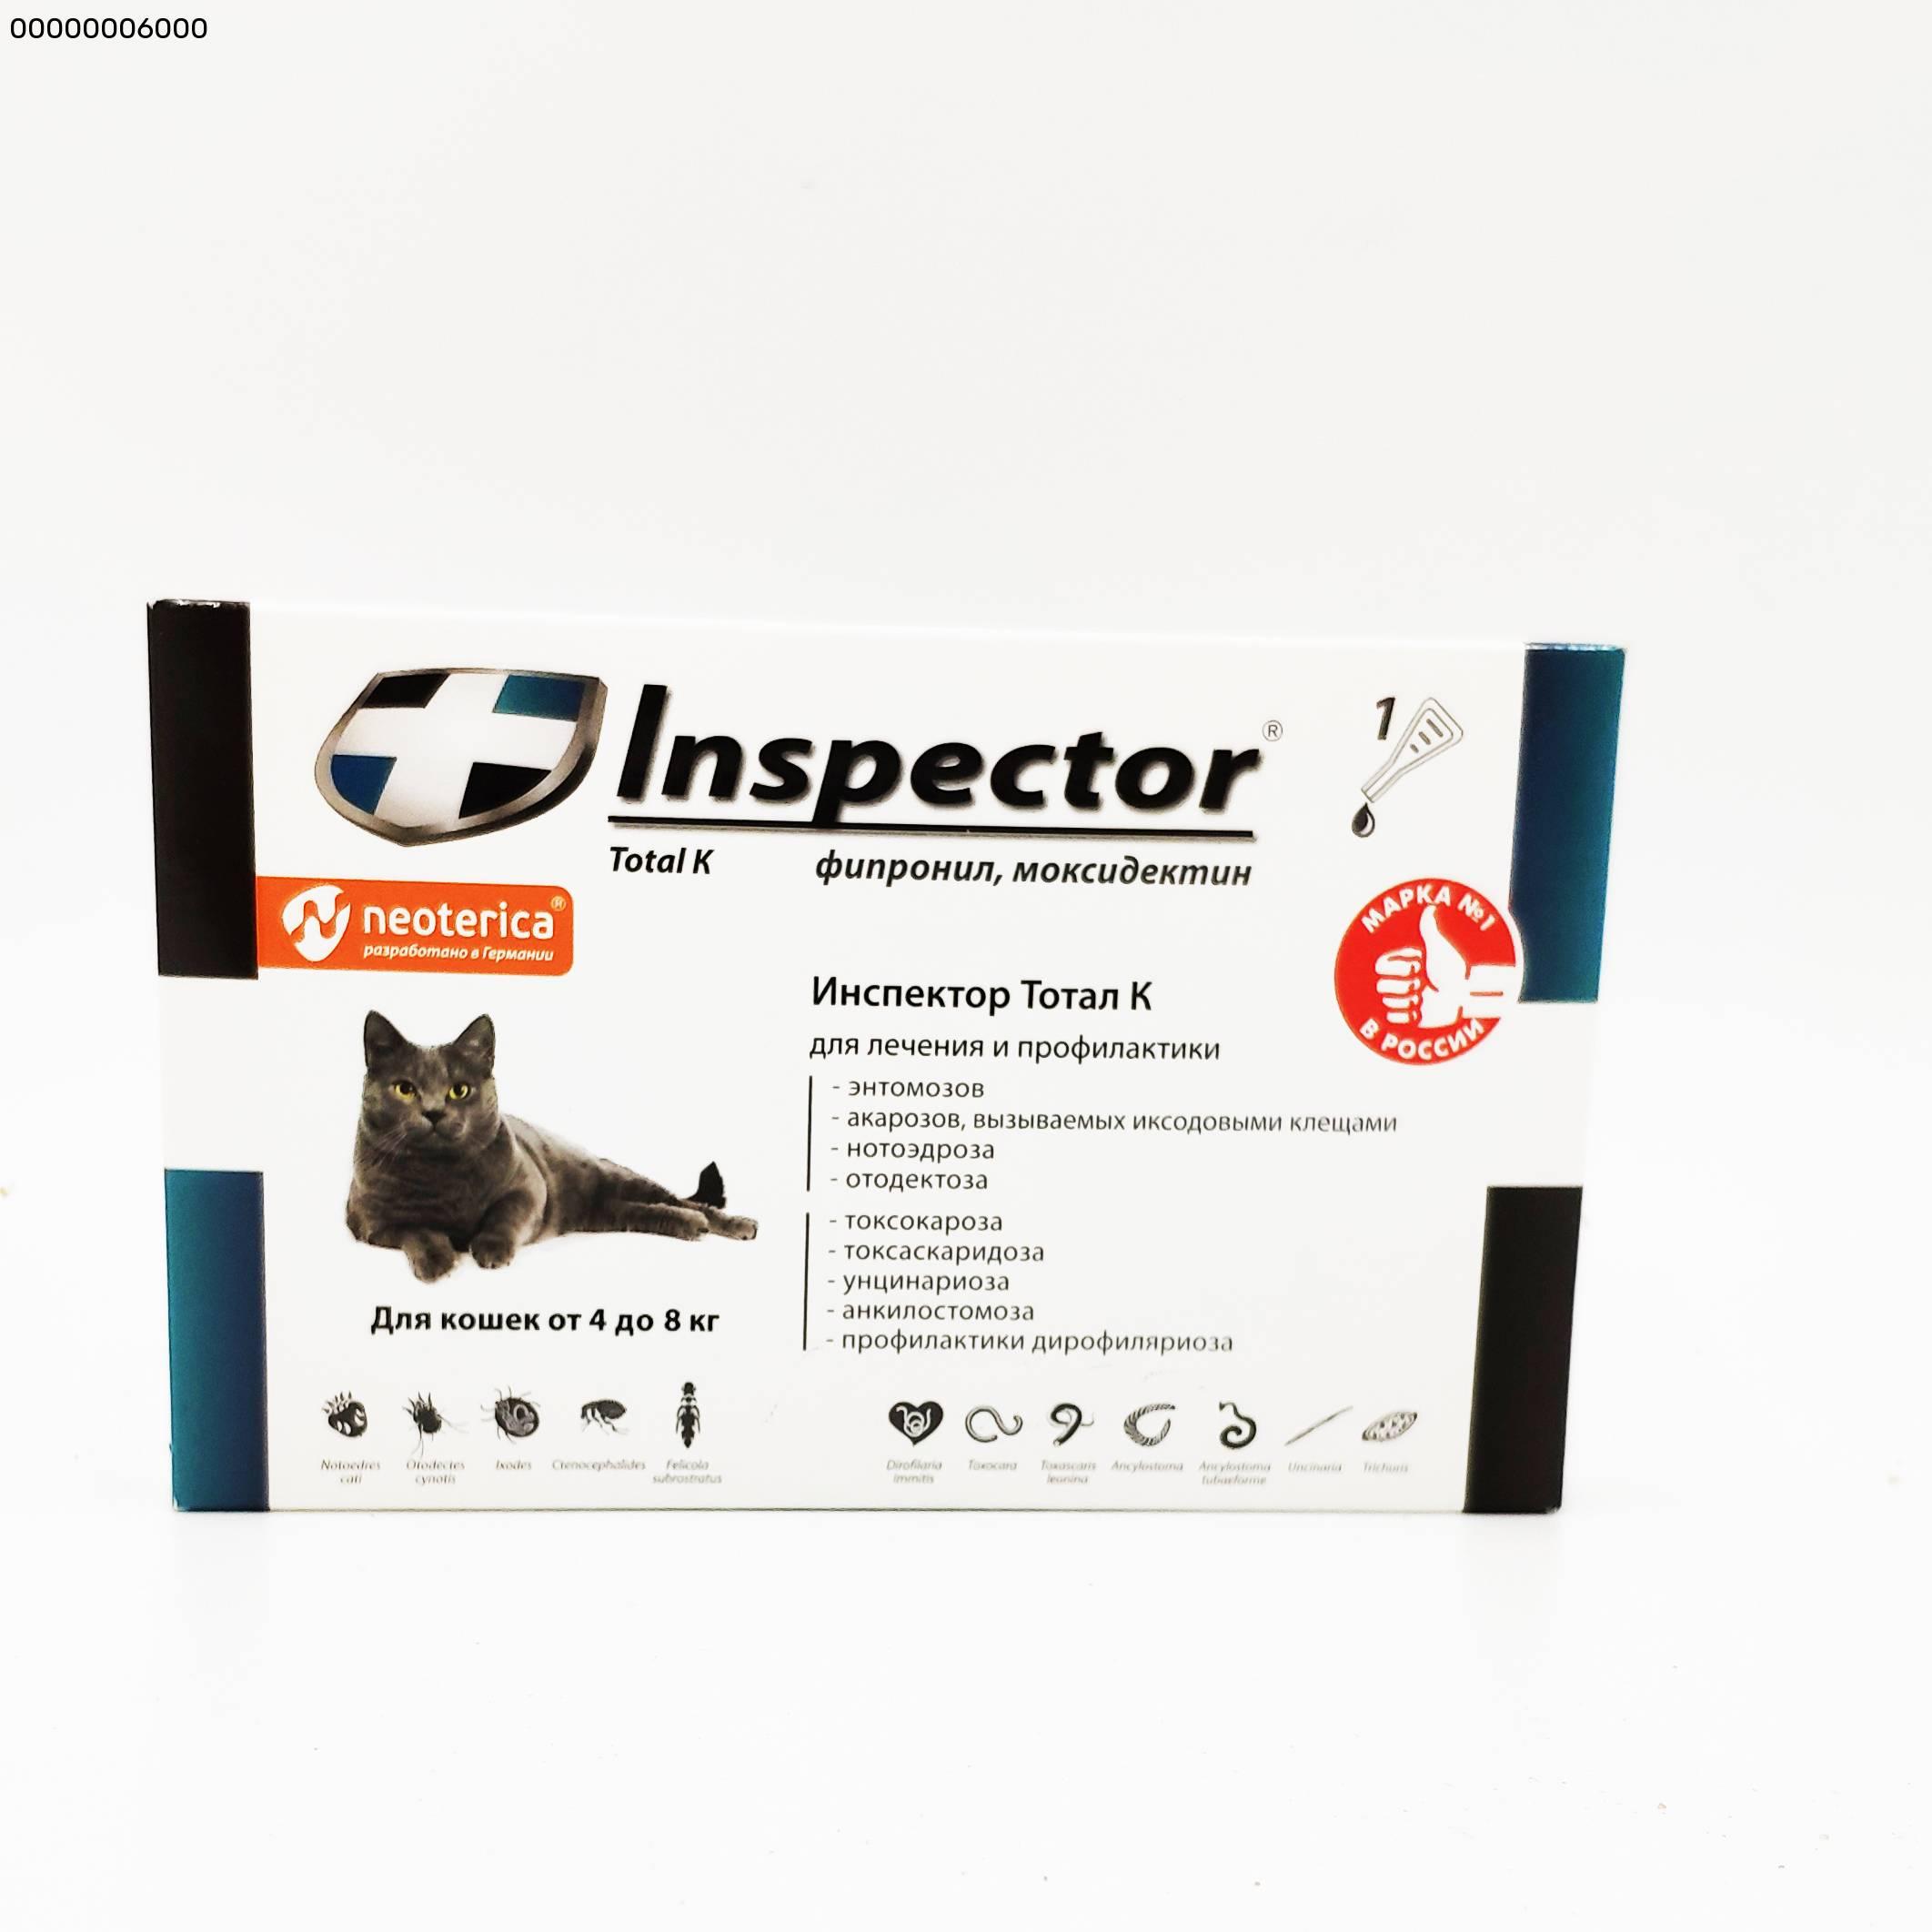 Инспектор капли от блох и клещей для кошек - инструкция